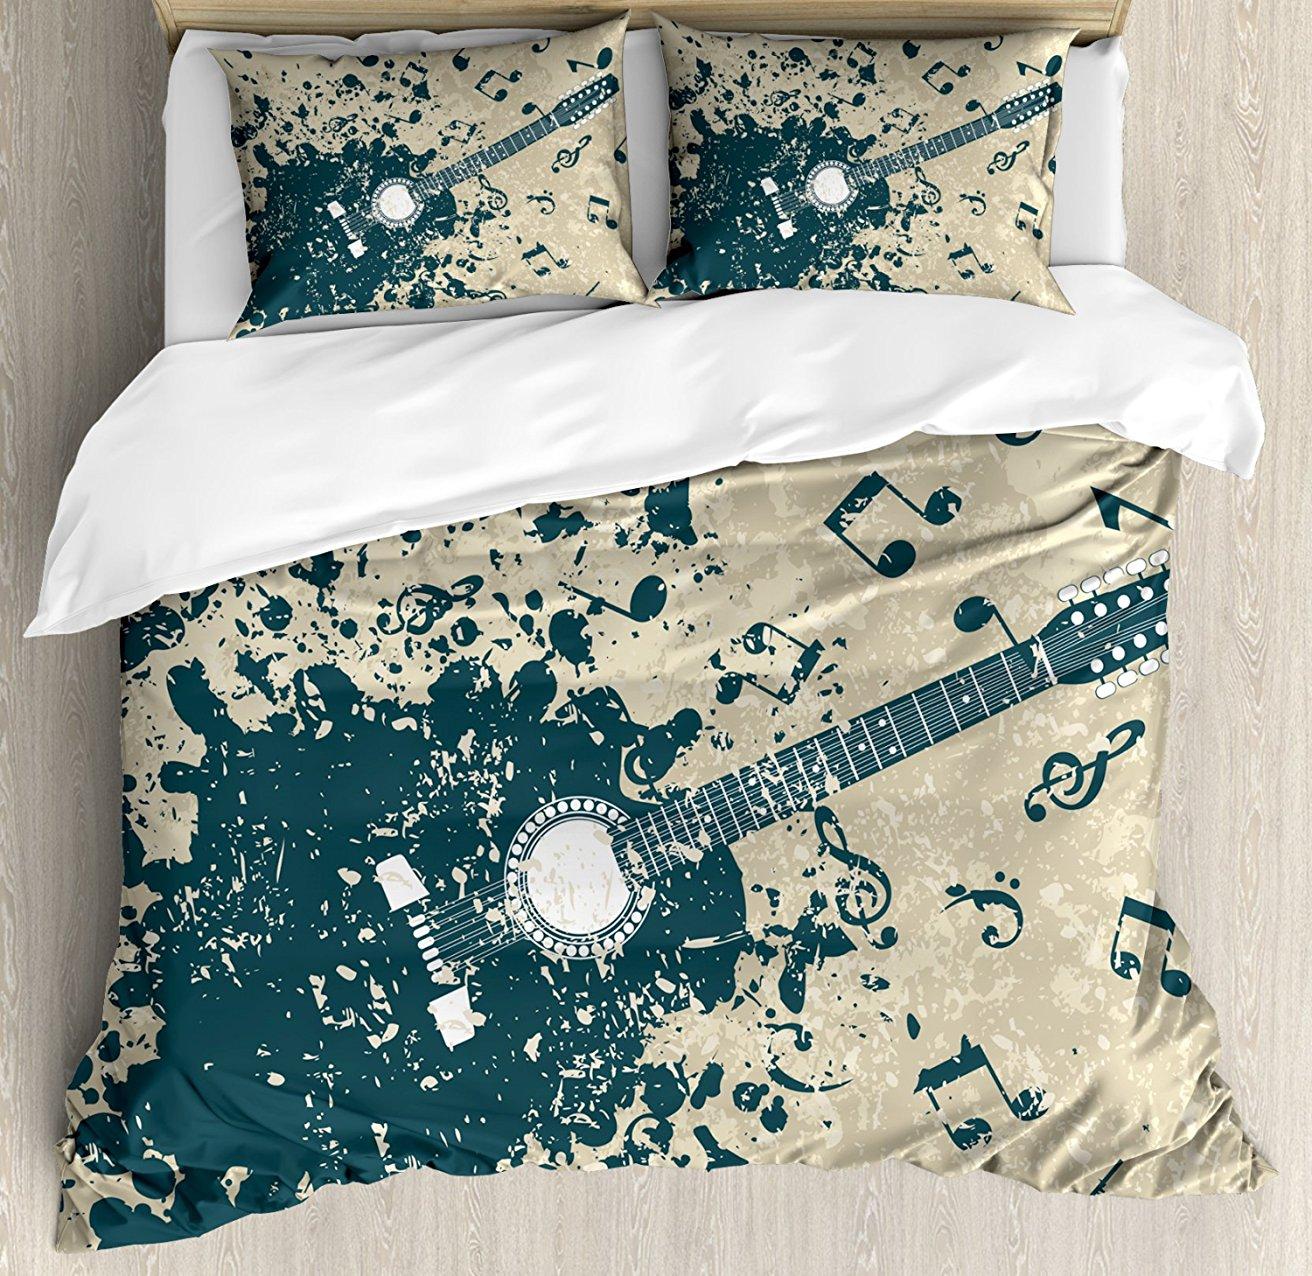 Постельное белье, акустическая гитара на ретро плохого фон с ноты Melody иллюстрации, 4 шт. Постельное белье